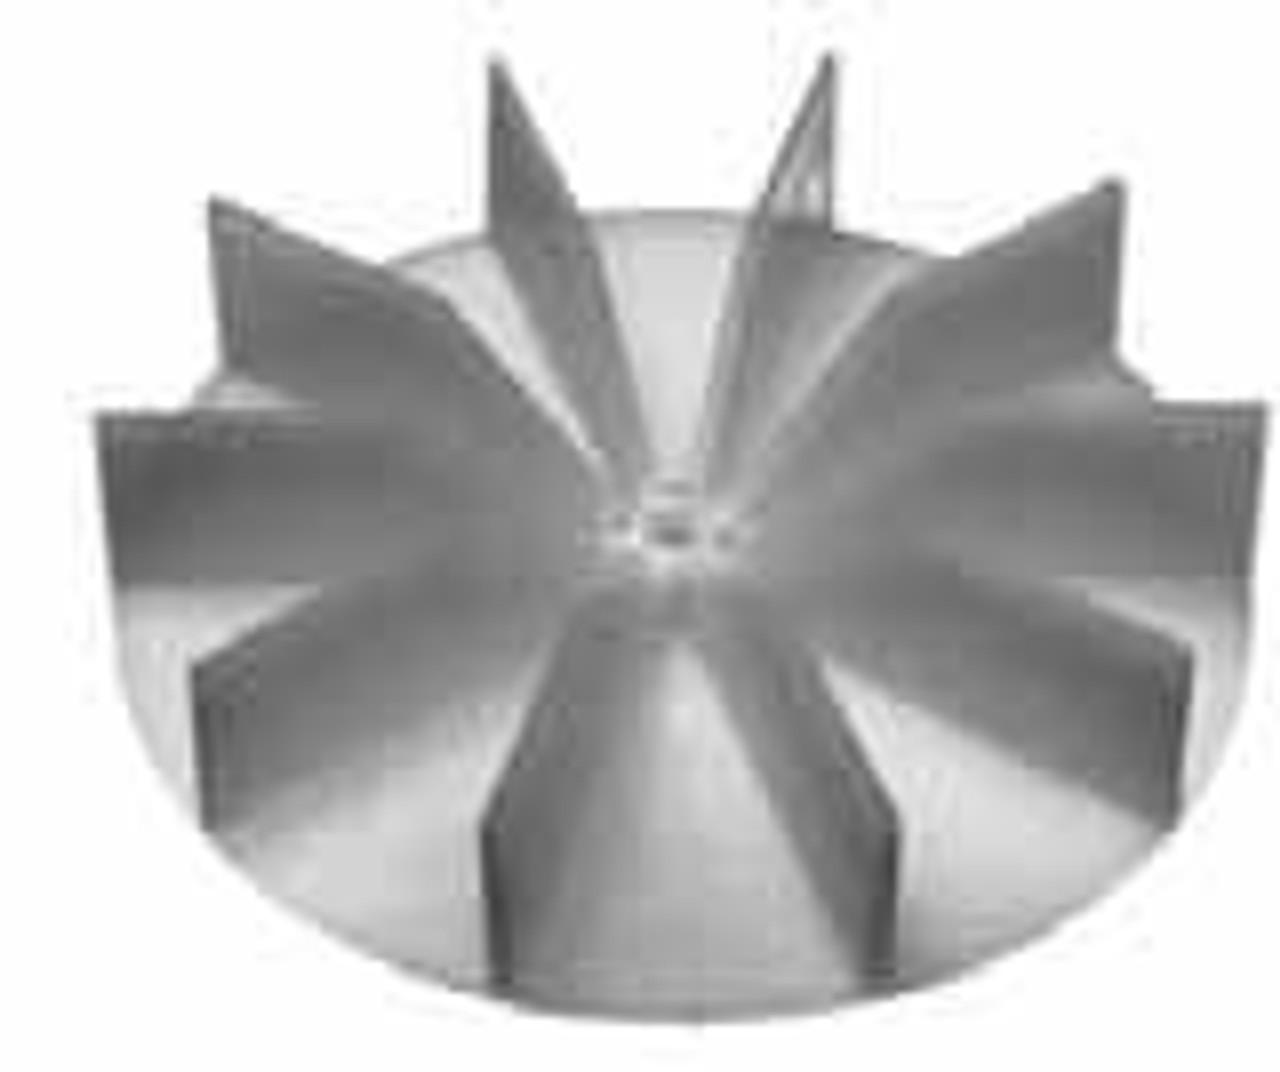 K-FAN4031 Fan Blades for K-Line Motors